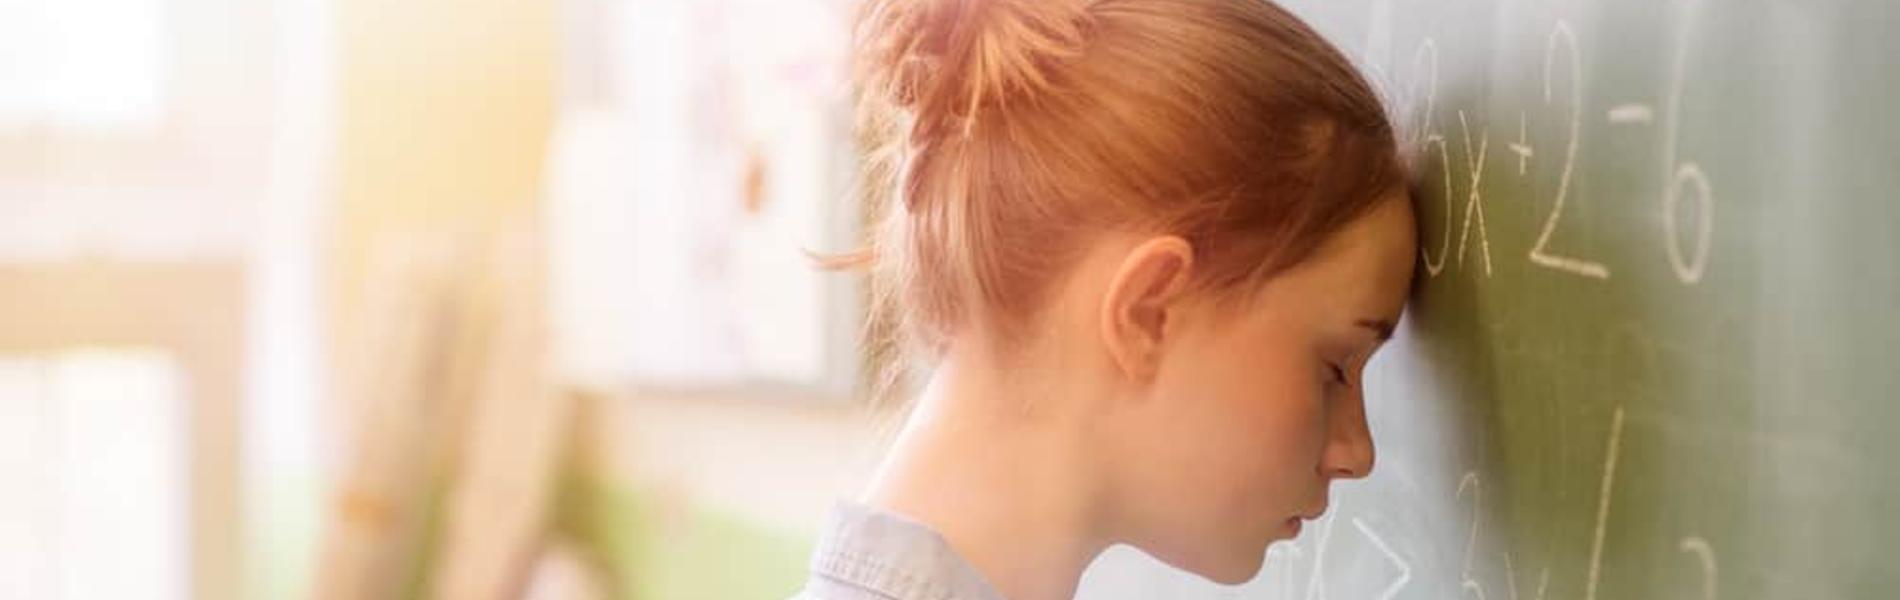 מערכת החינוך מפקירה תלמידים ותלמידות עם הפרעות קשב